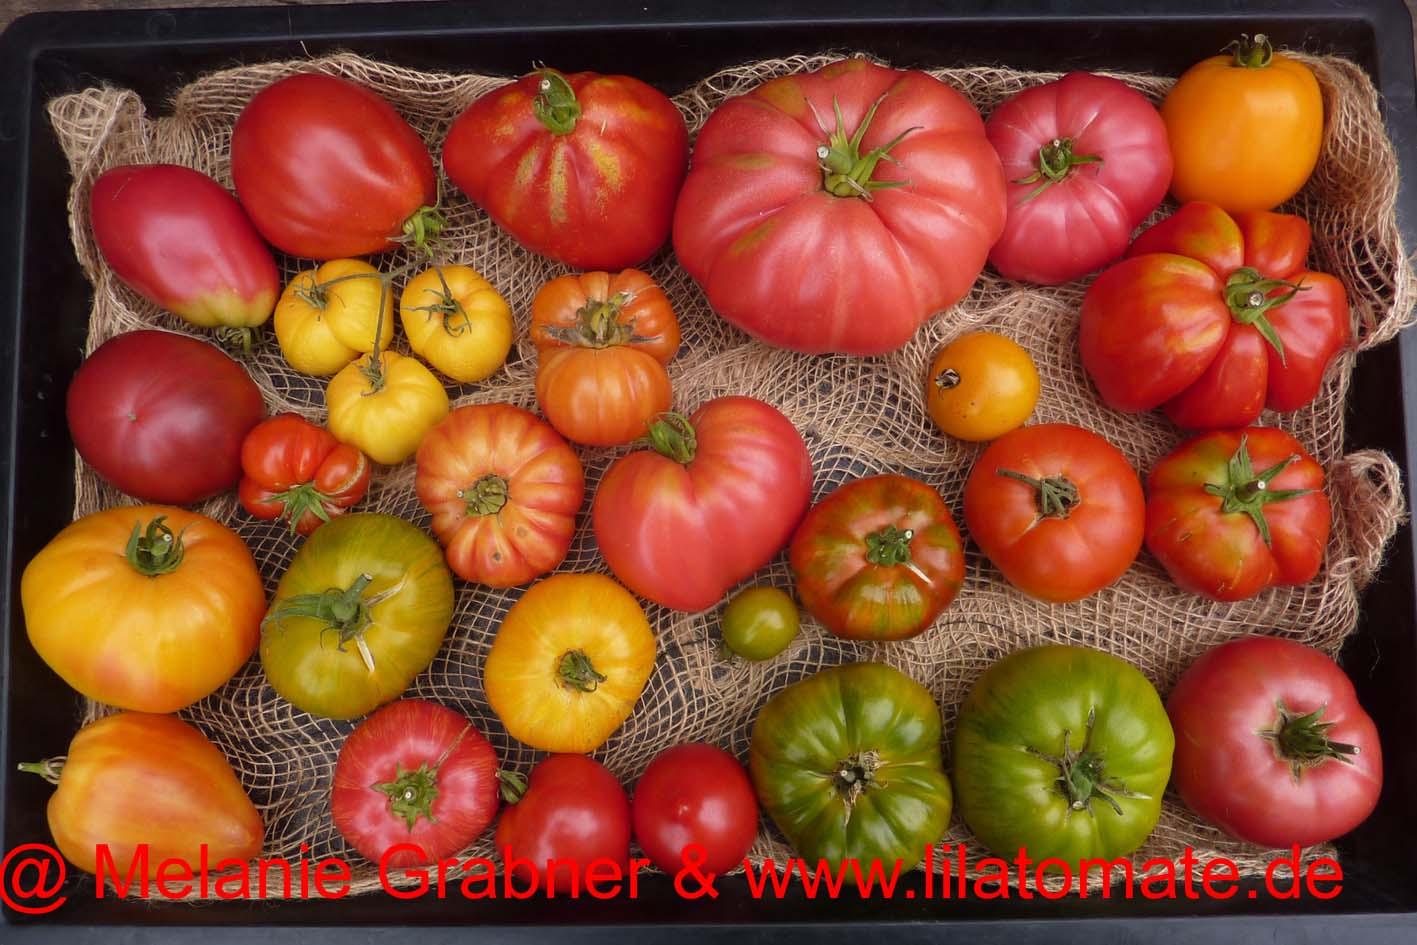 Tomate Sortenmischung 'Fleischtomaten, bunt' Saatgut